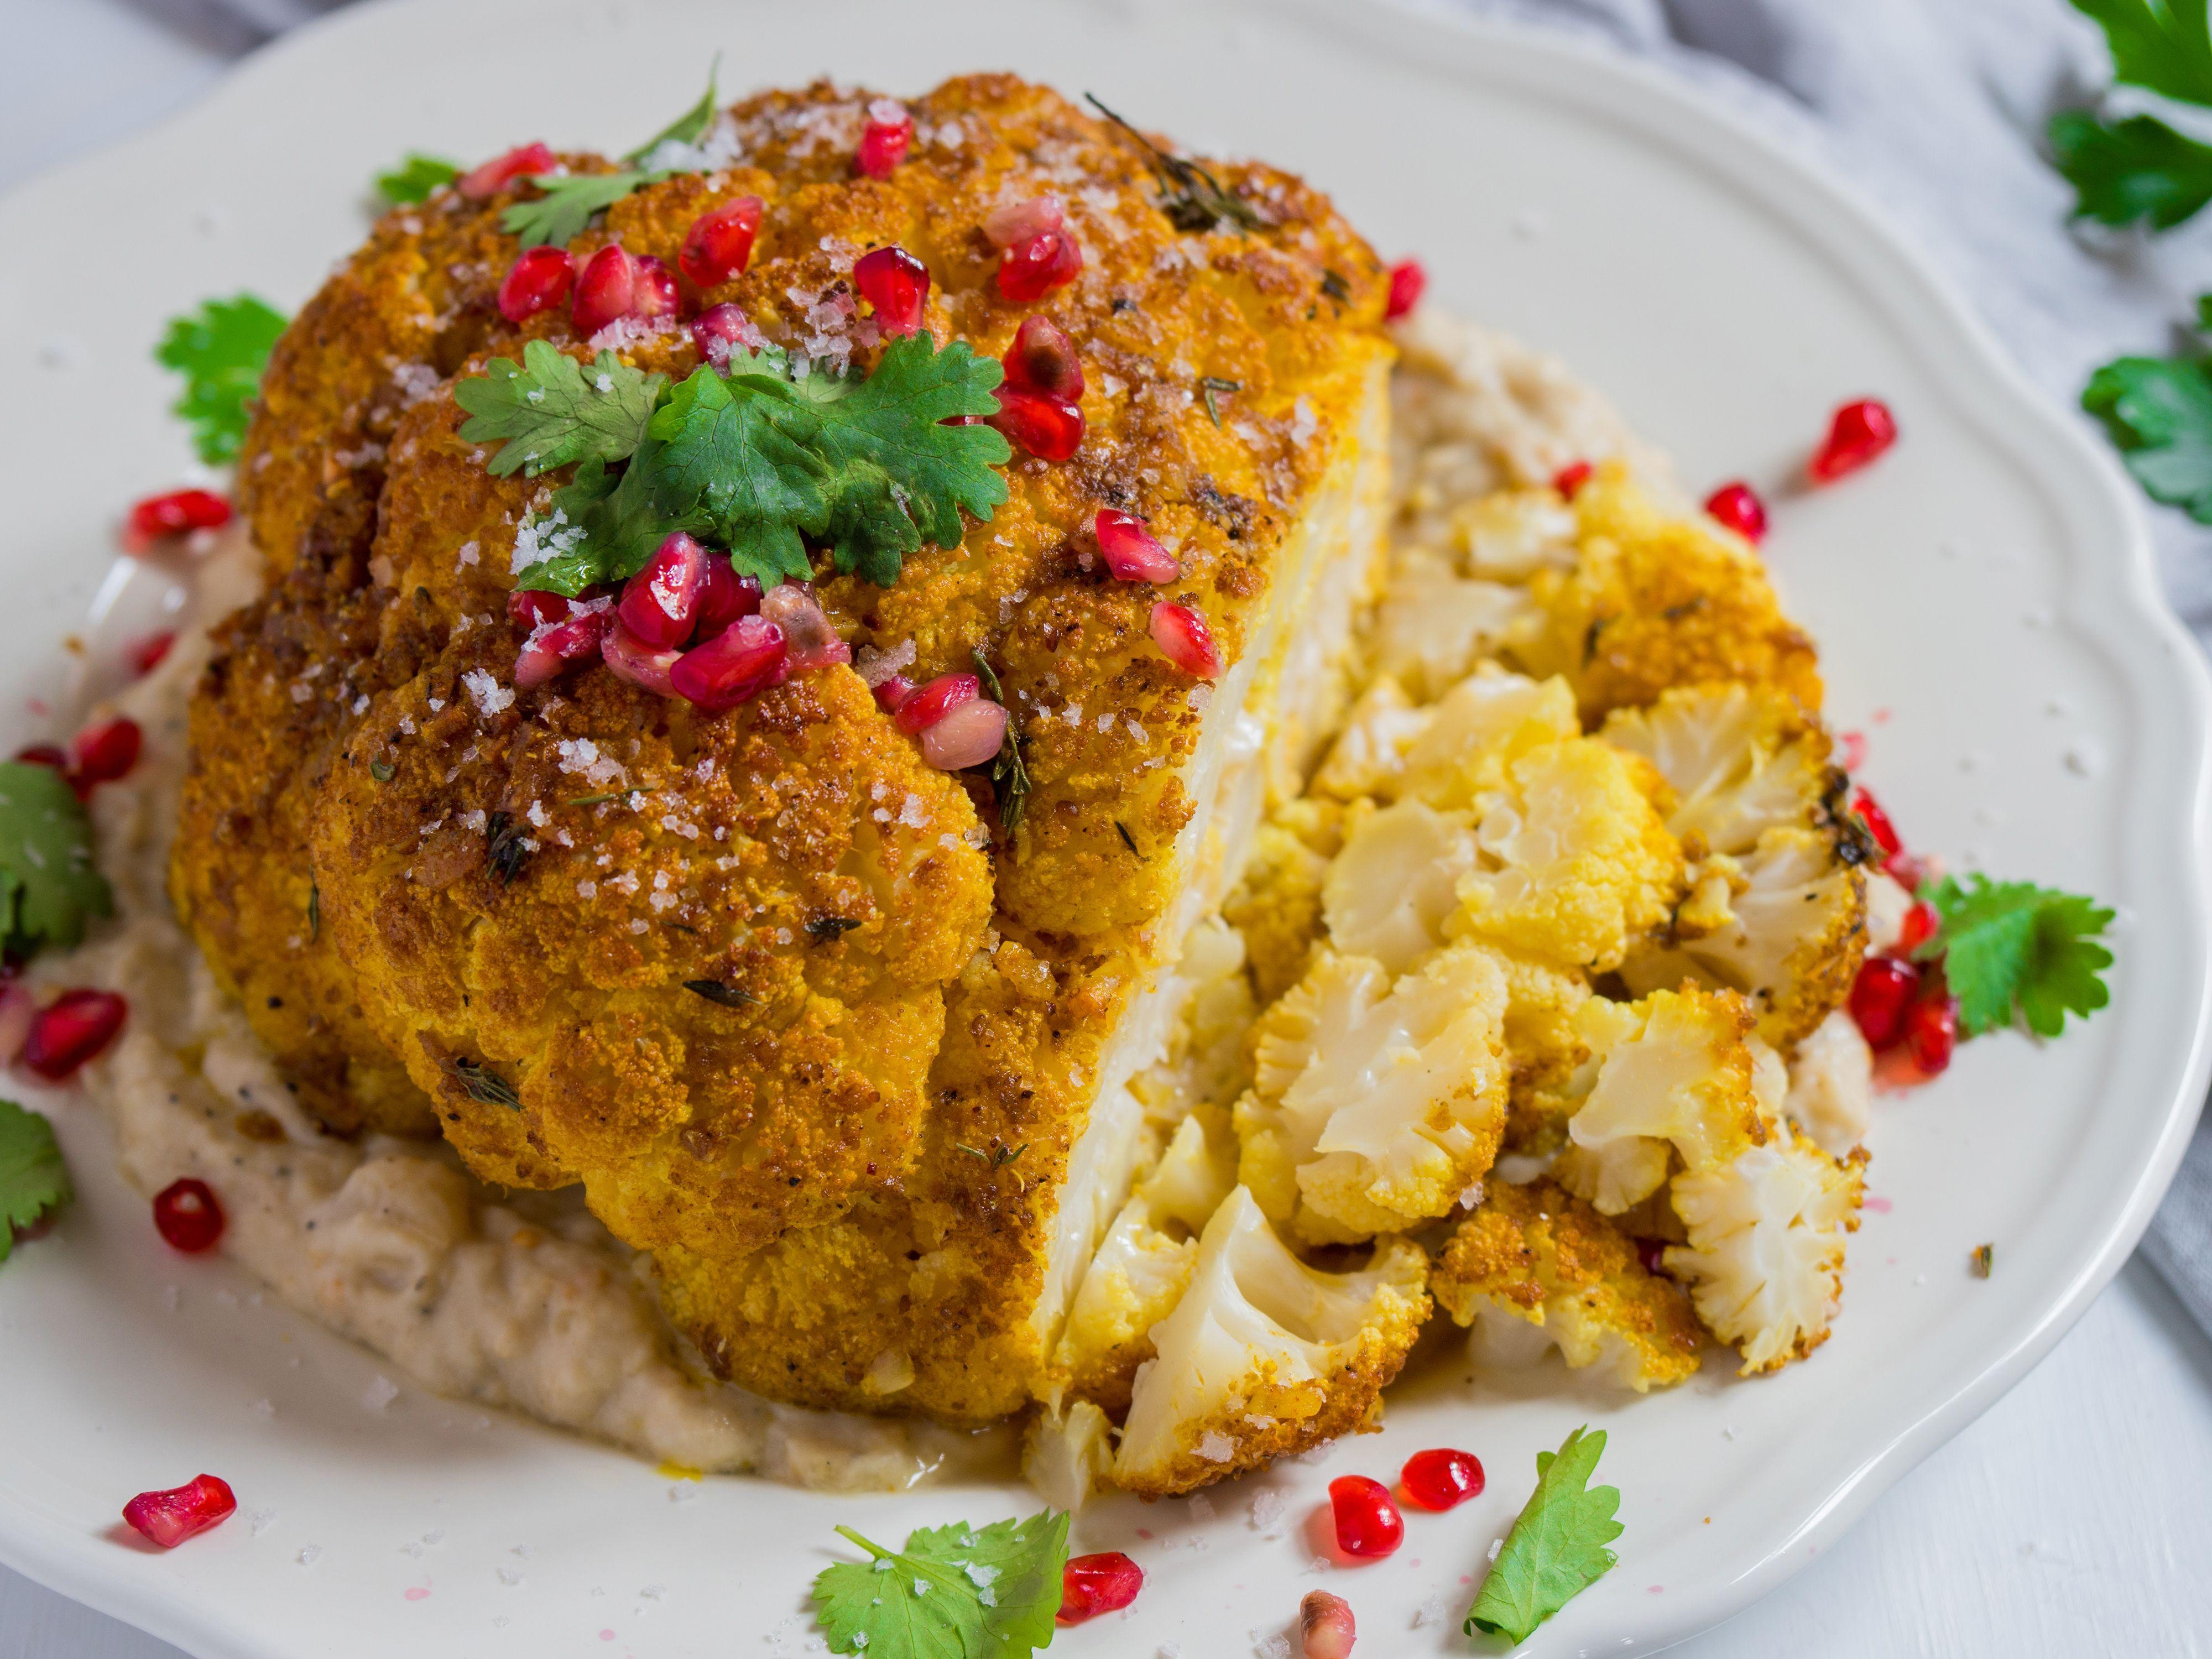 Weihnachtsessen Vegetarisch Festlich.Gewürz Blumenkohl Braten